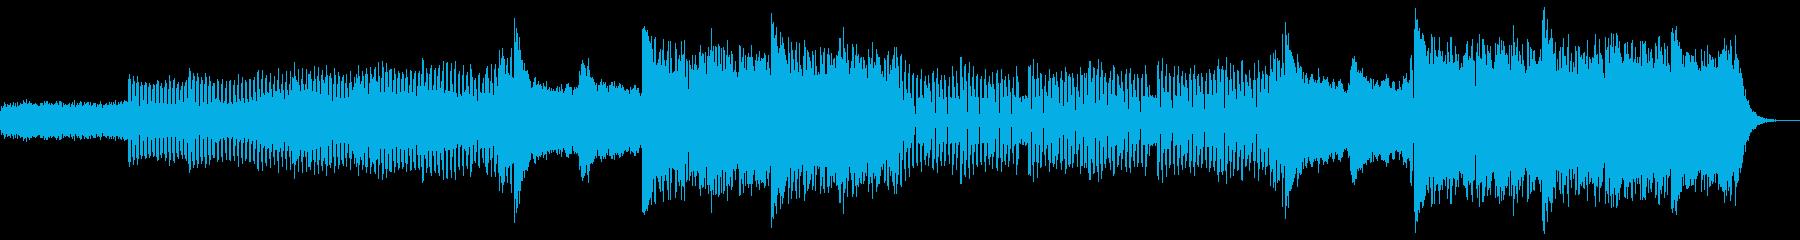 宇宙感のある壮大でシネマティックな重い曲の再生済みの波形